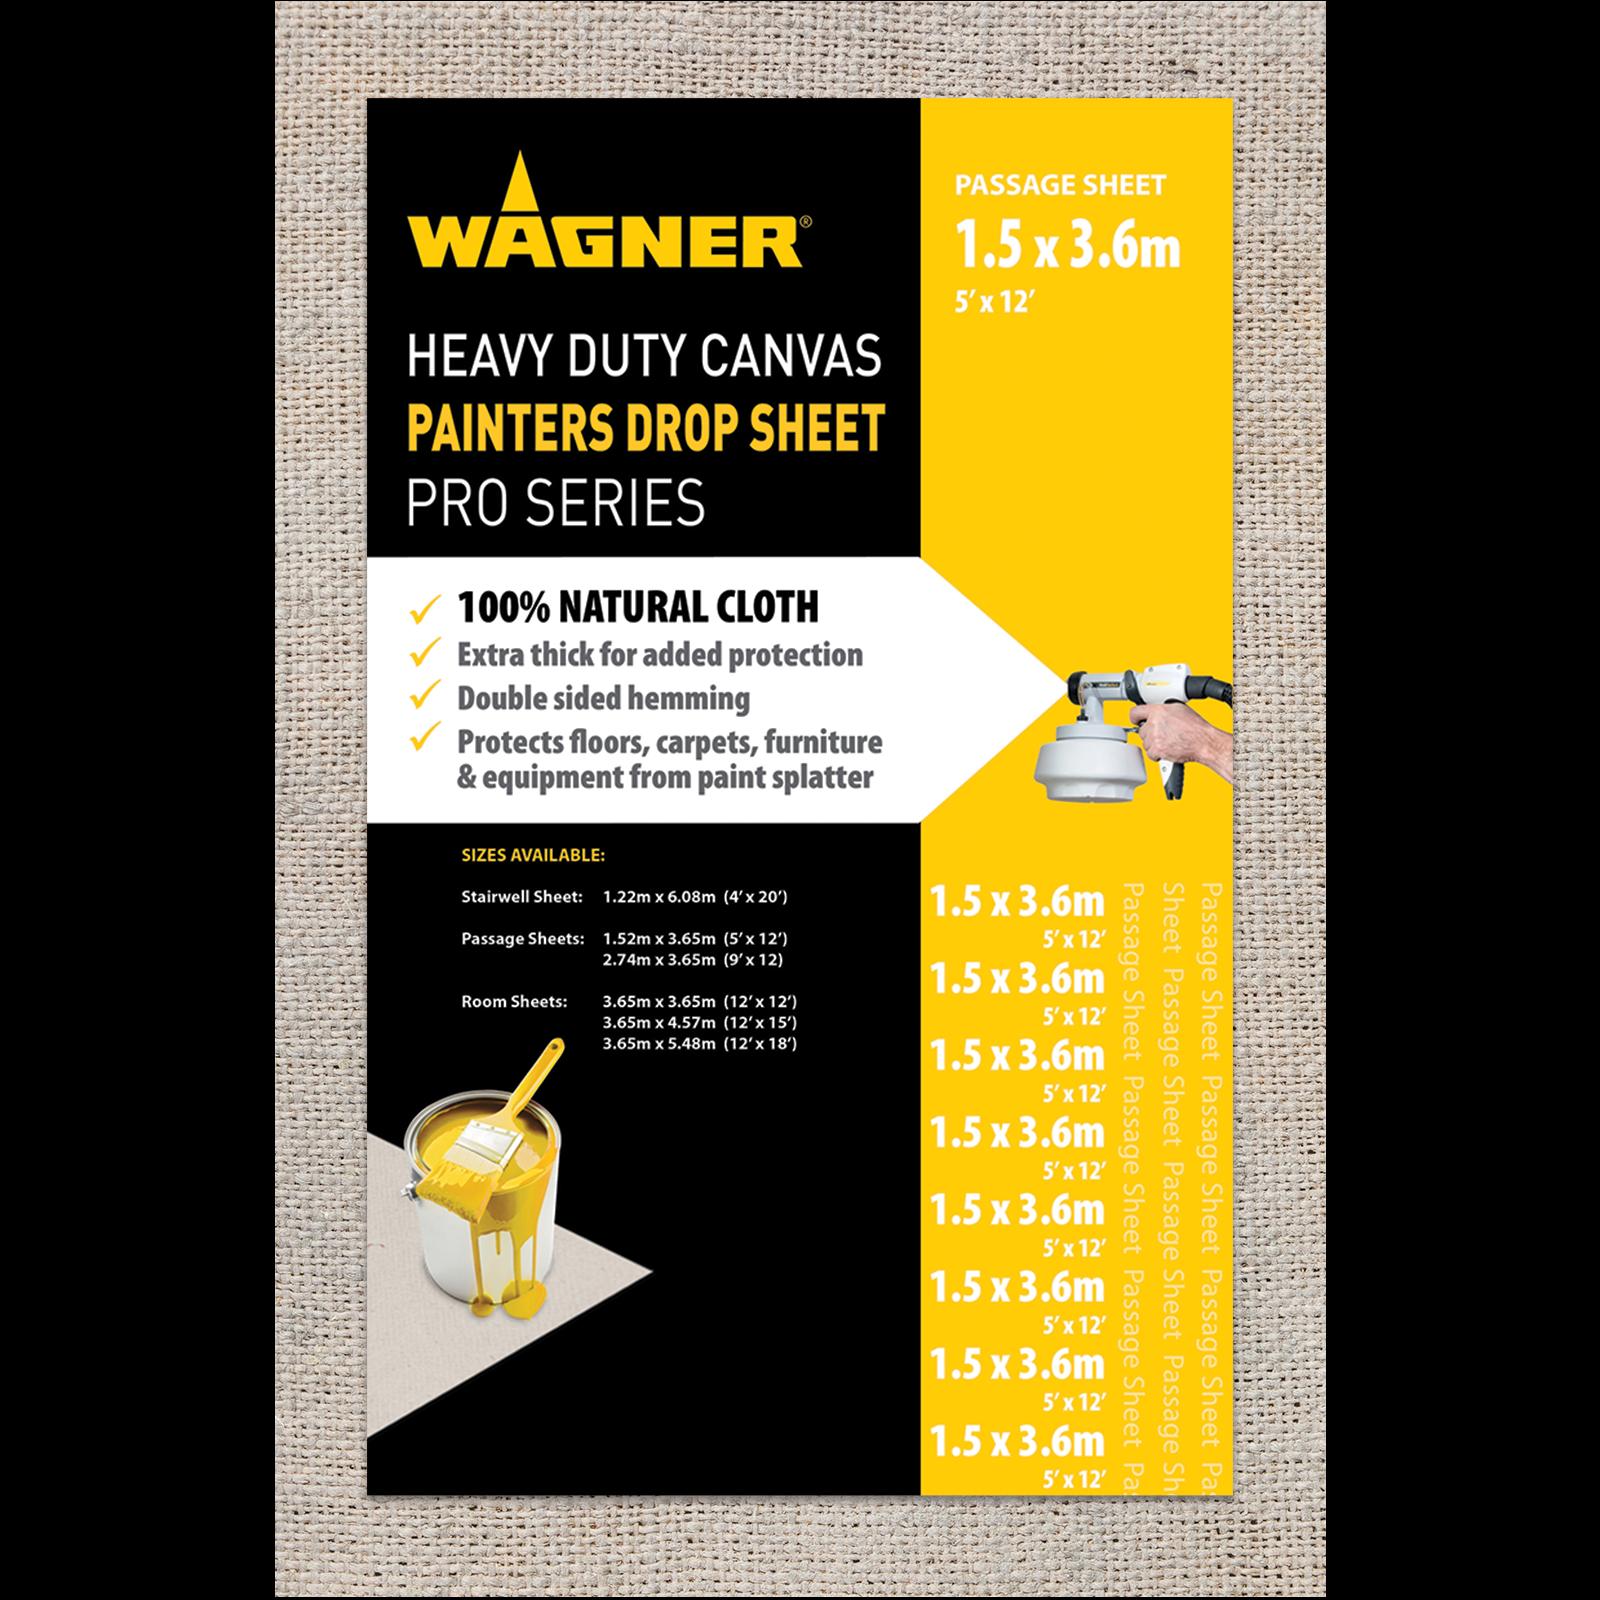 Wagner 1.5 x 3.6m Heavy Duty Canvas Drop Sheet